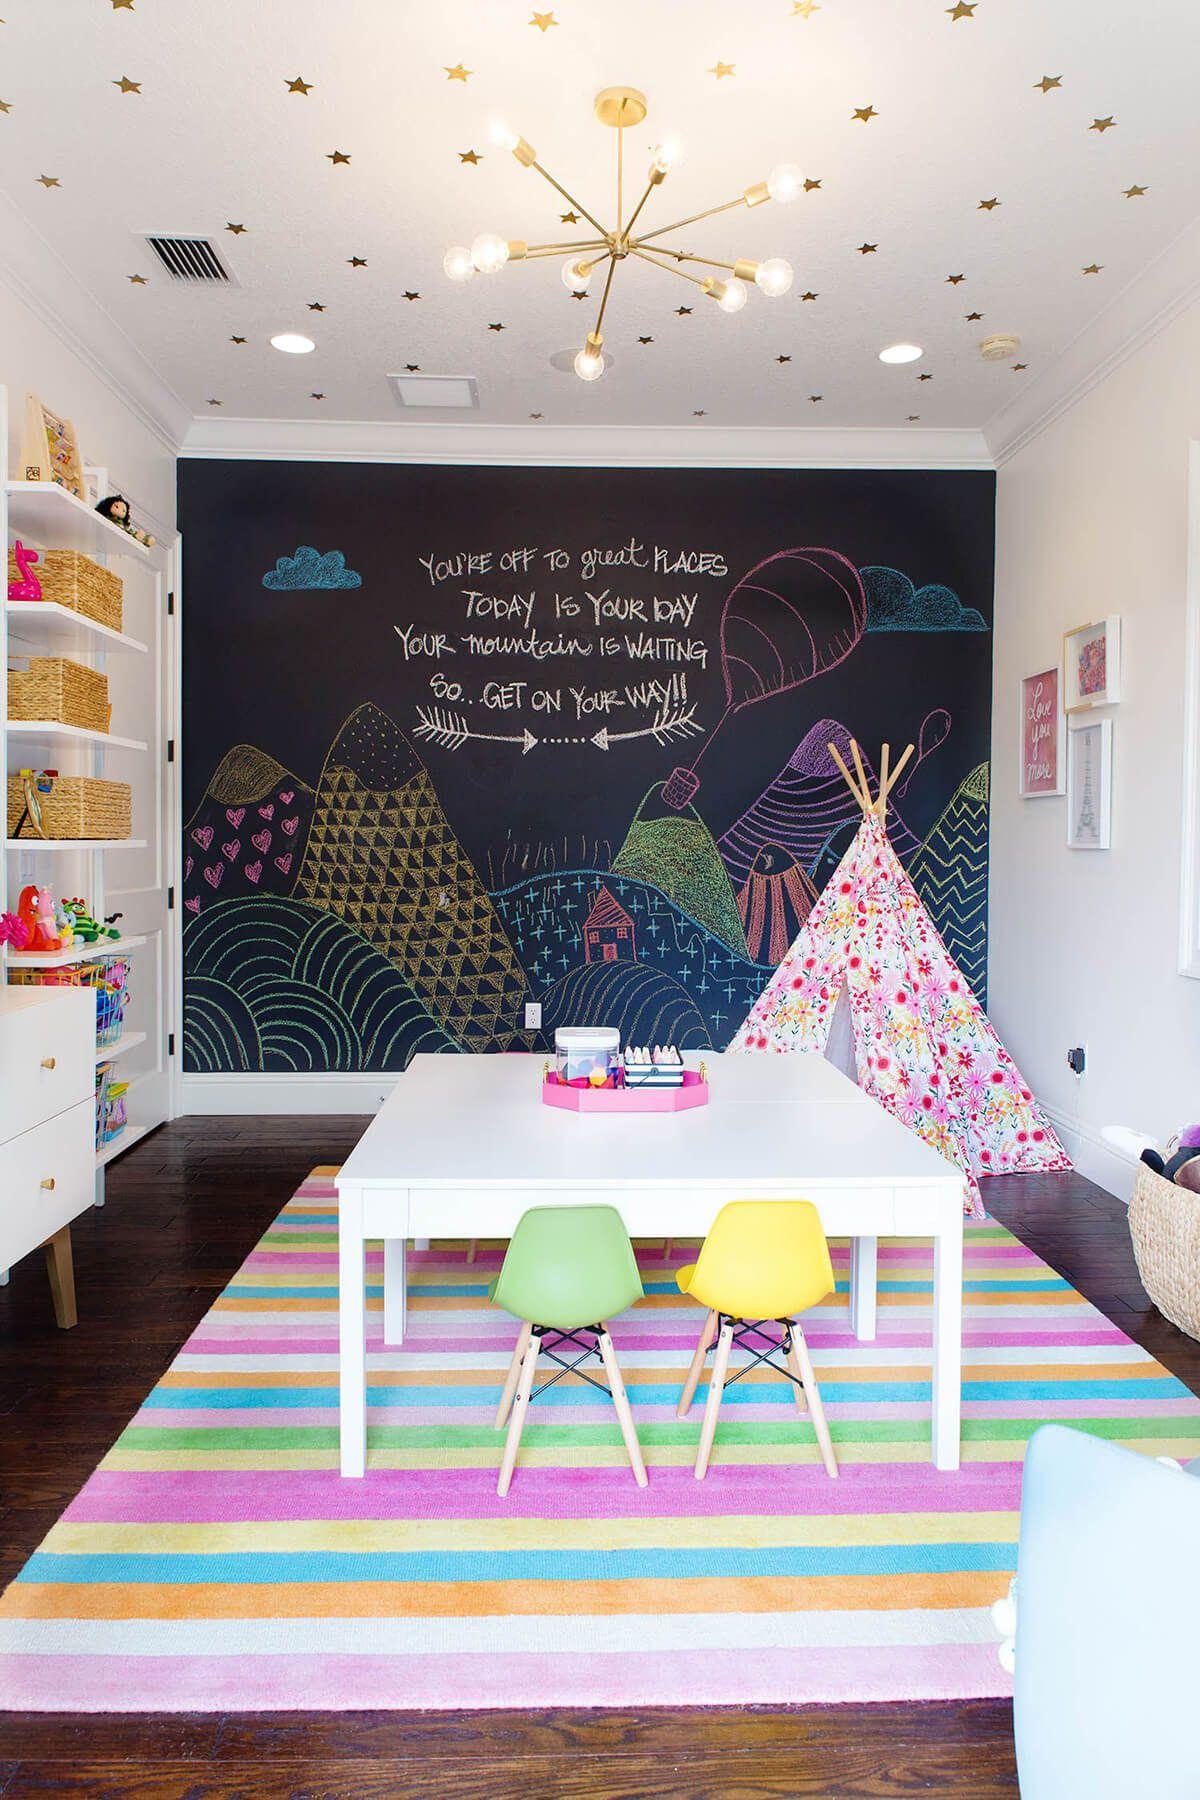 26 Entzückende Kinderzimmerdekor-Ideen, um den Platz Ihrer Kinder zum Spaß zu machen - Hause Dekore #salledejeuxenfant